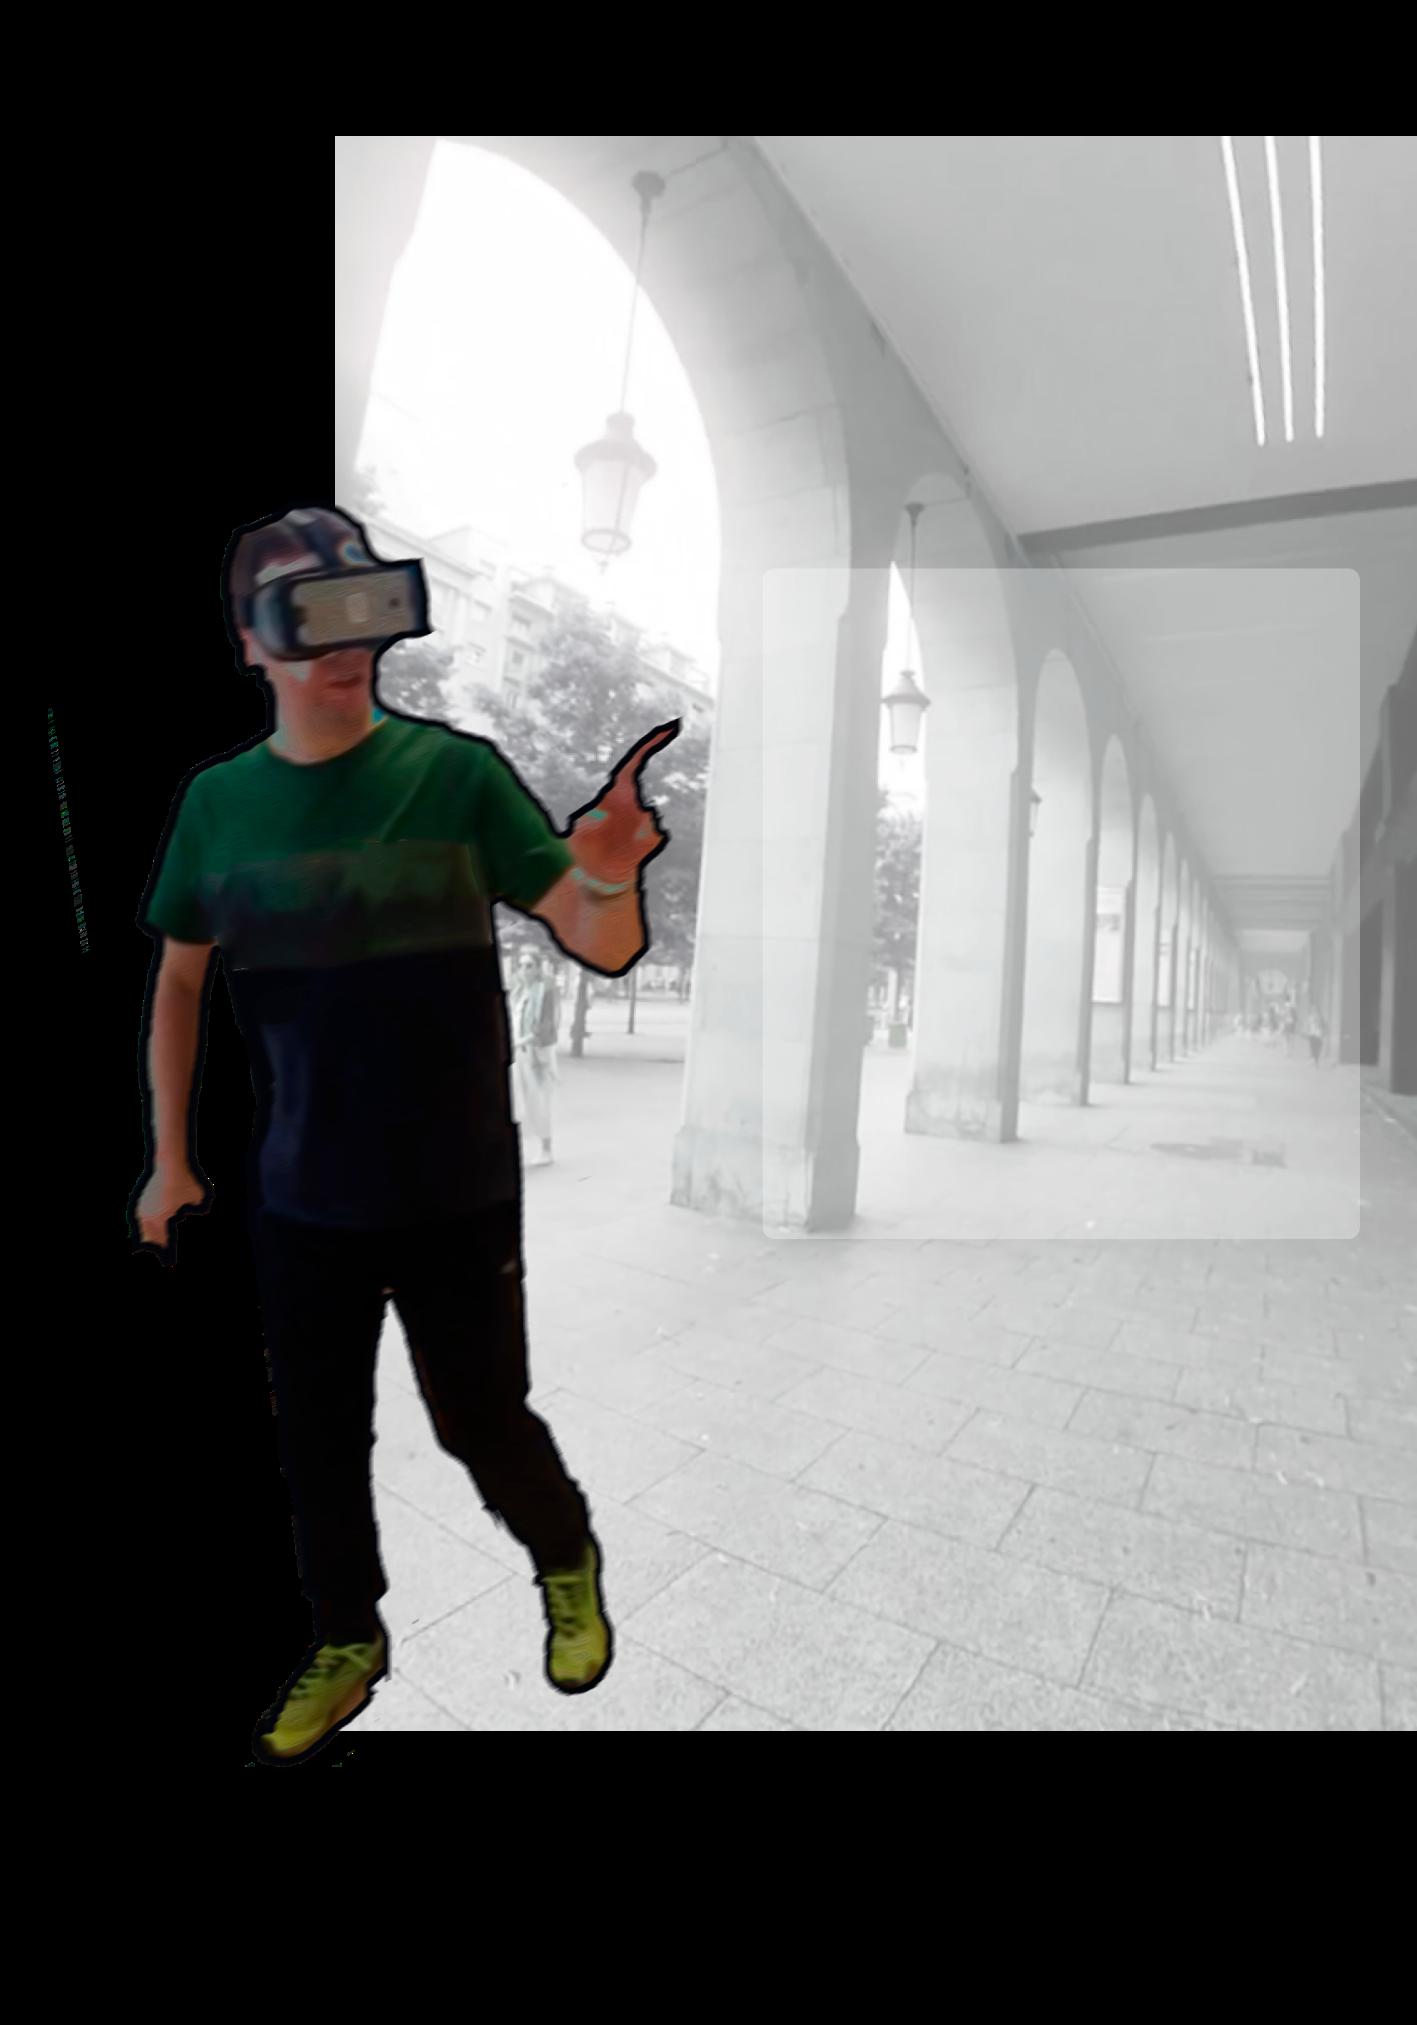 Usuario usando dispositivo de realidad virtual.